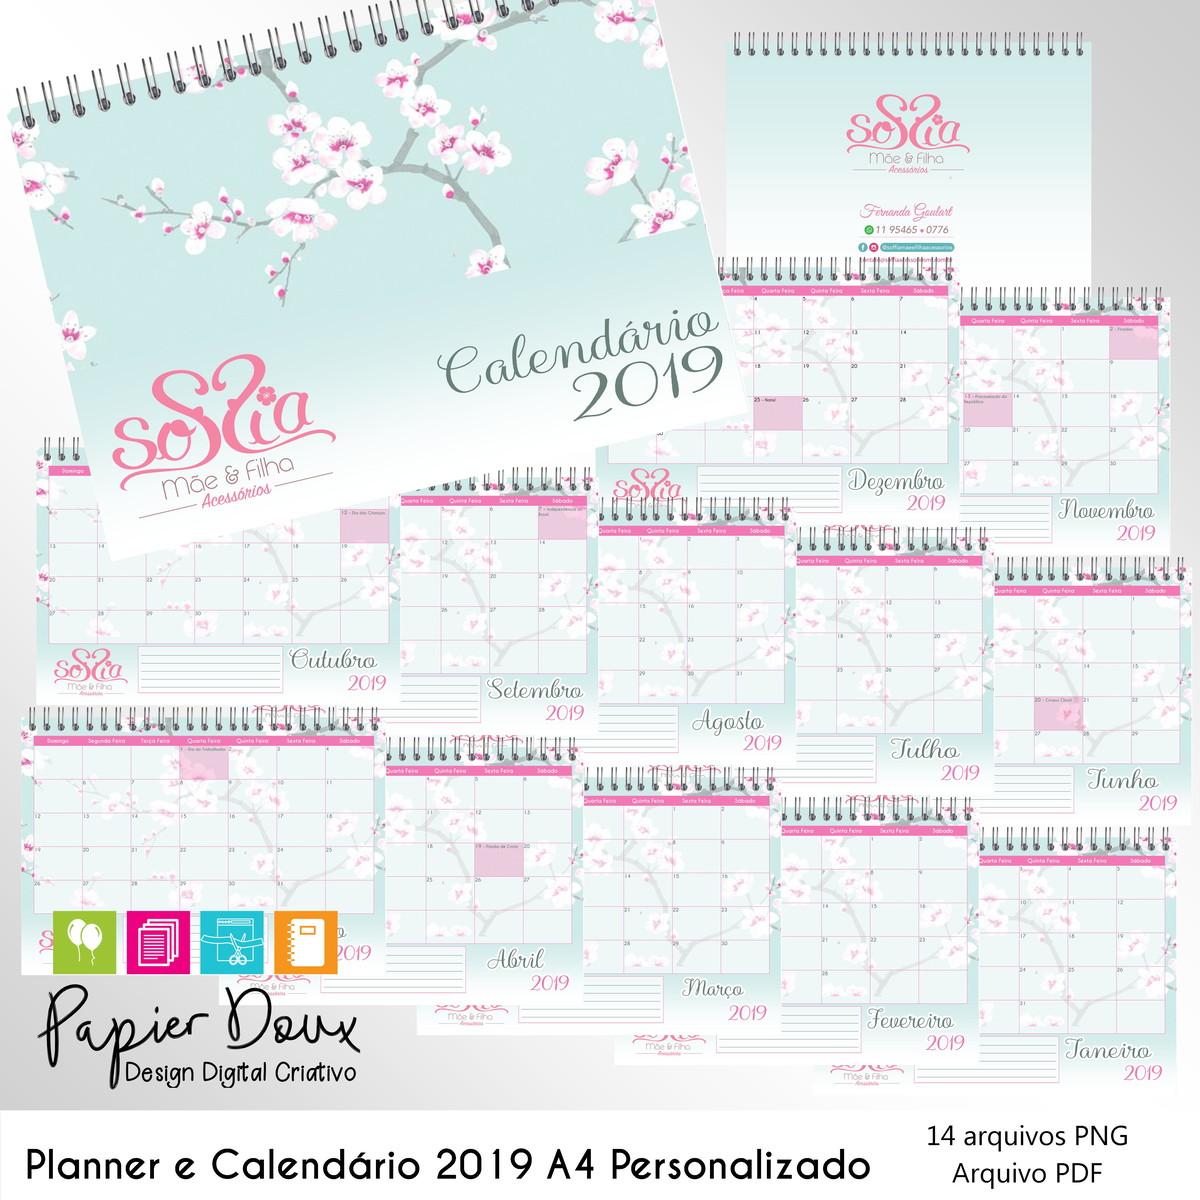 Calendario Dezembro 2019 Bonito.Planner Mensal E Calendario 2019 Personalizado